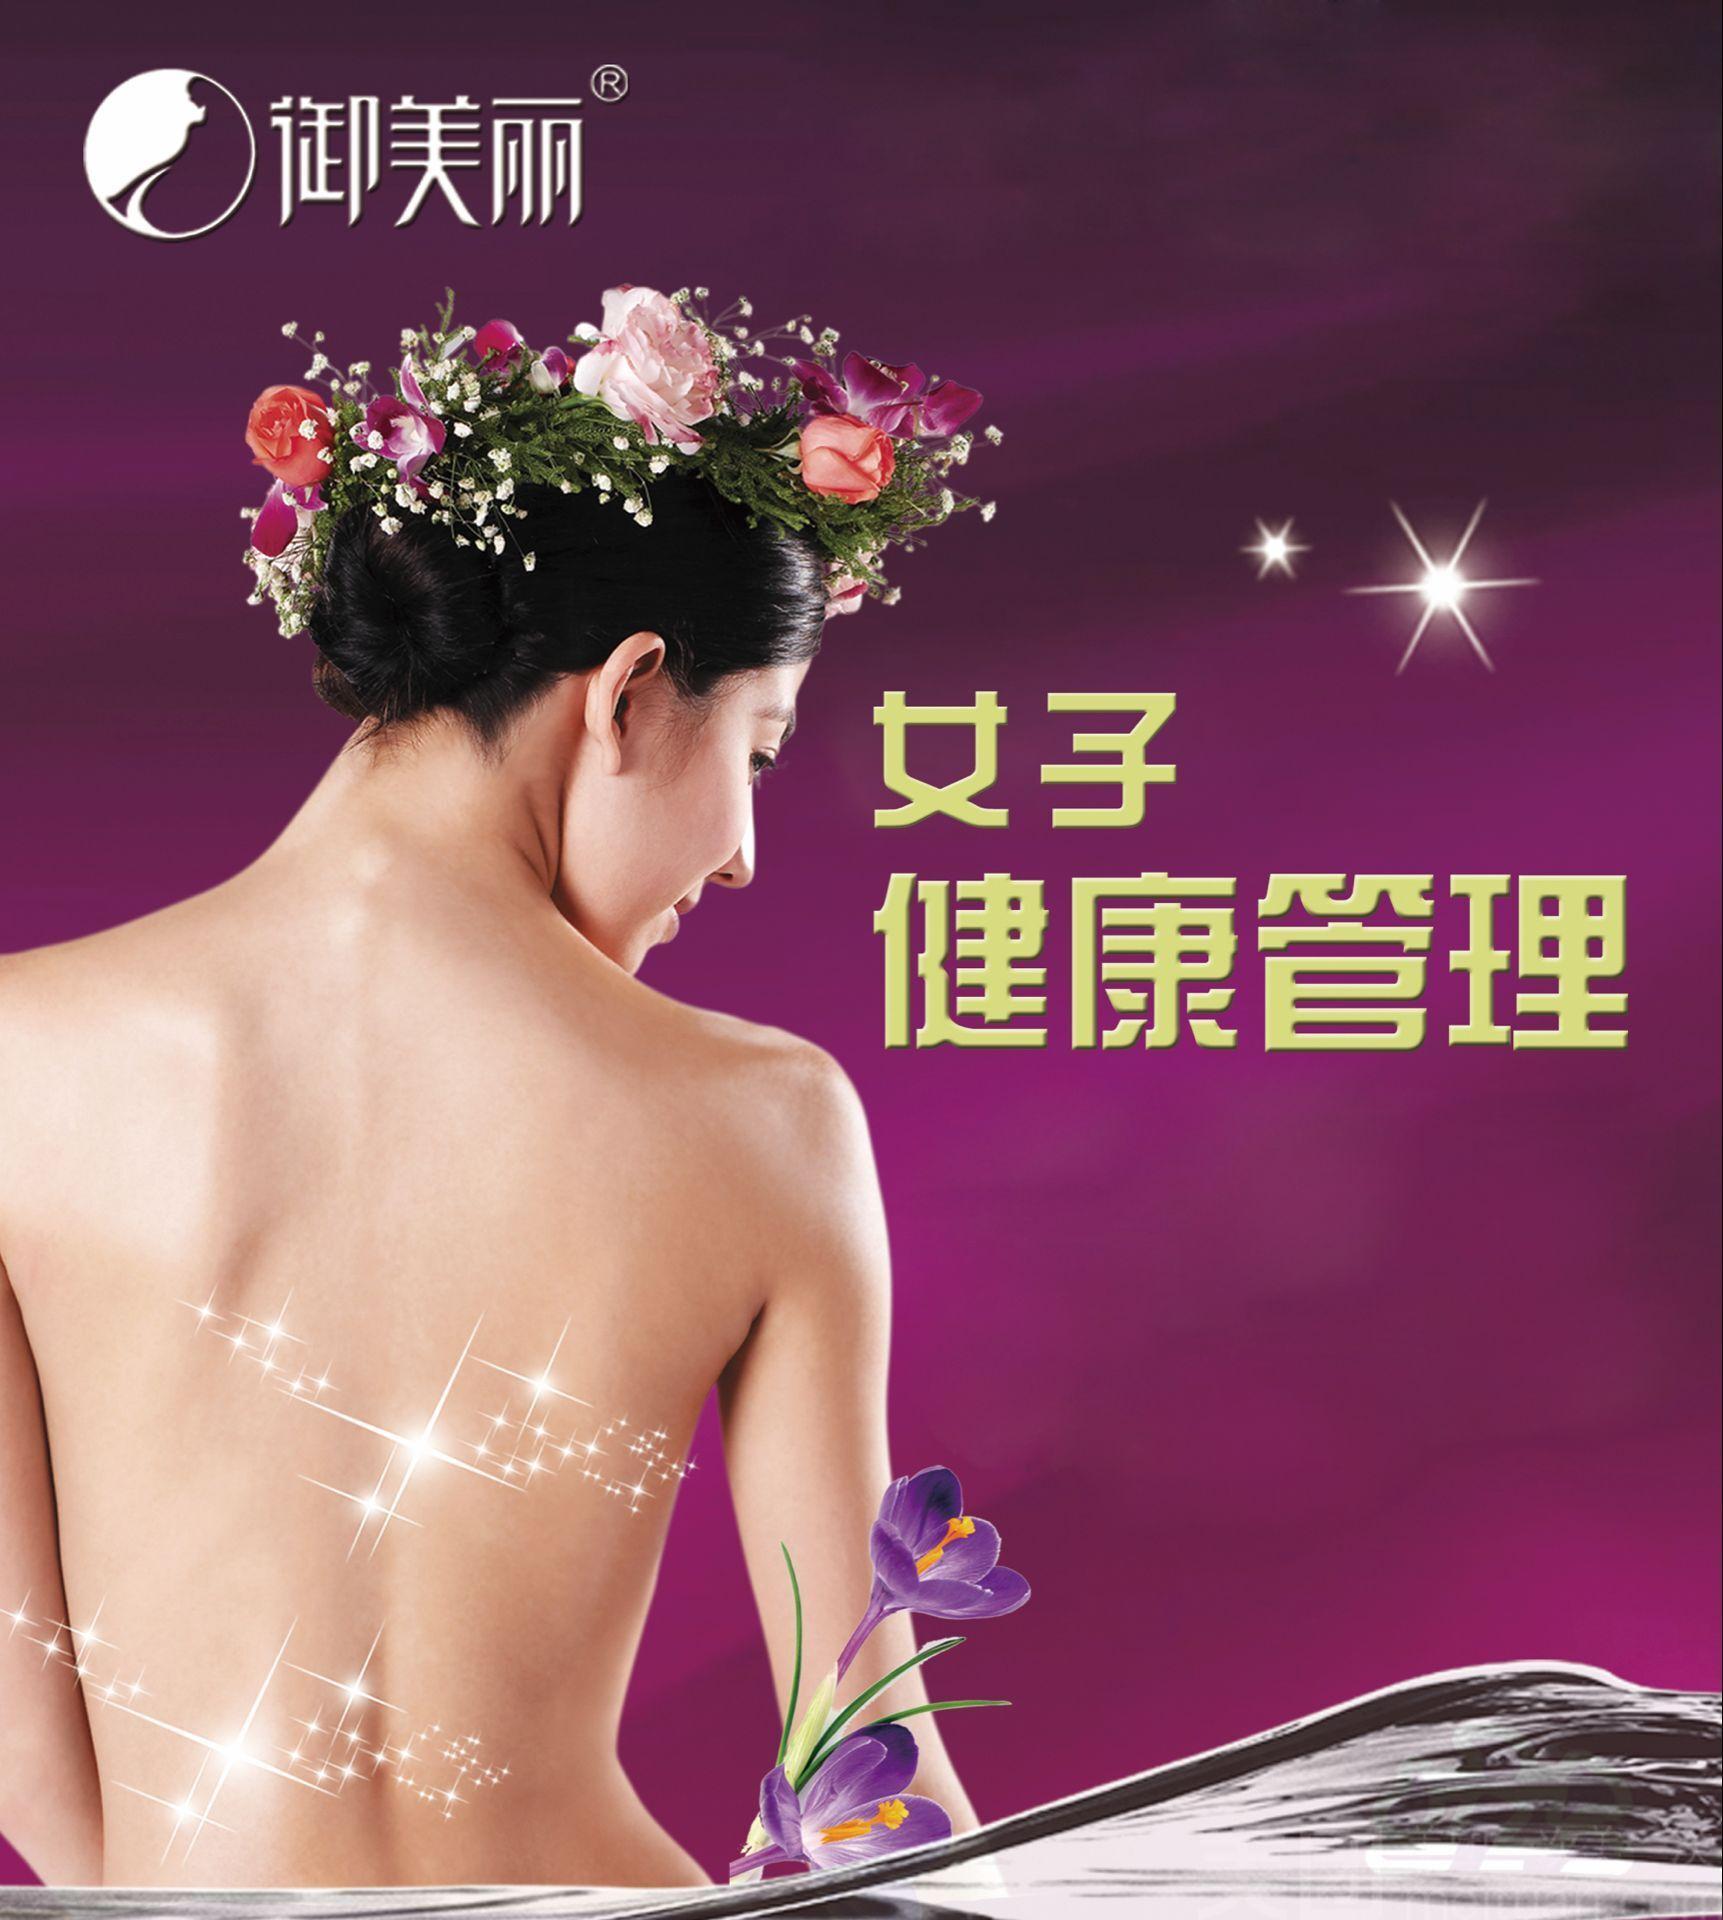 :长沙今日团购:【御美丽女子健康管理中心】单人美胸保养调理套餐